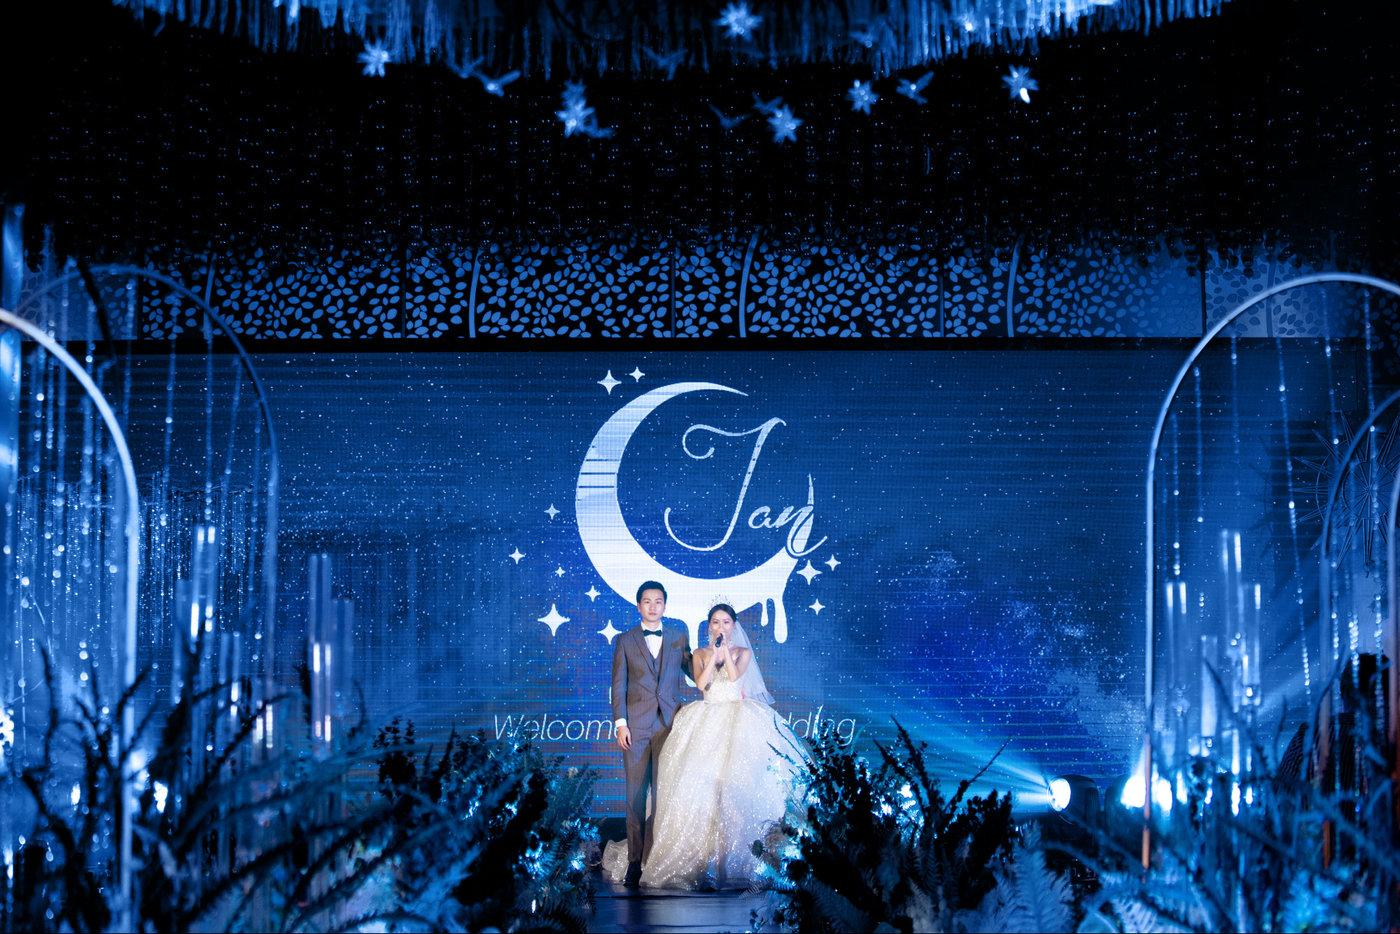 婚礼-嗑食星粒/摘新月牙剔27